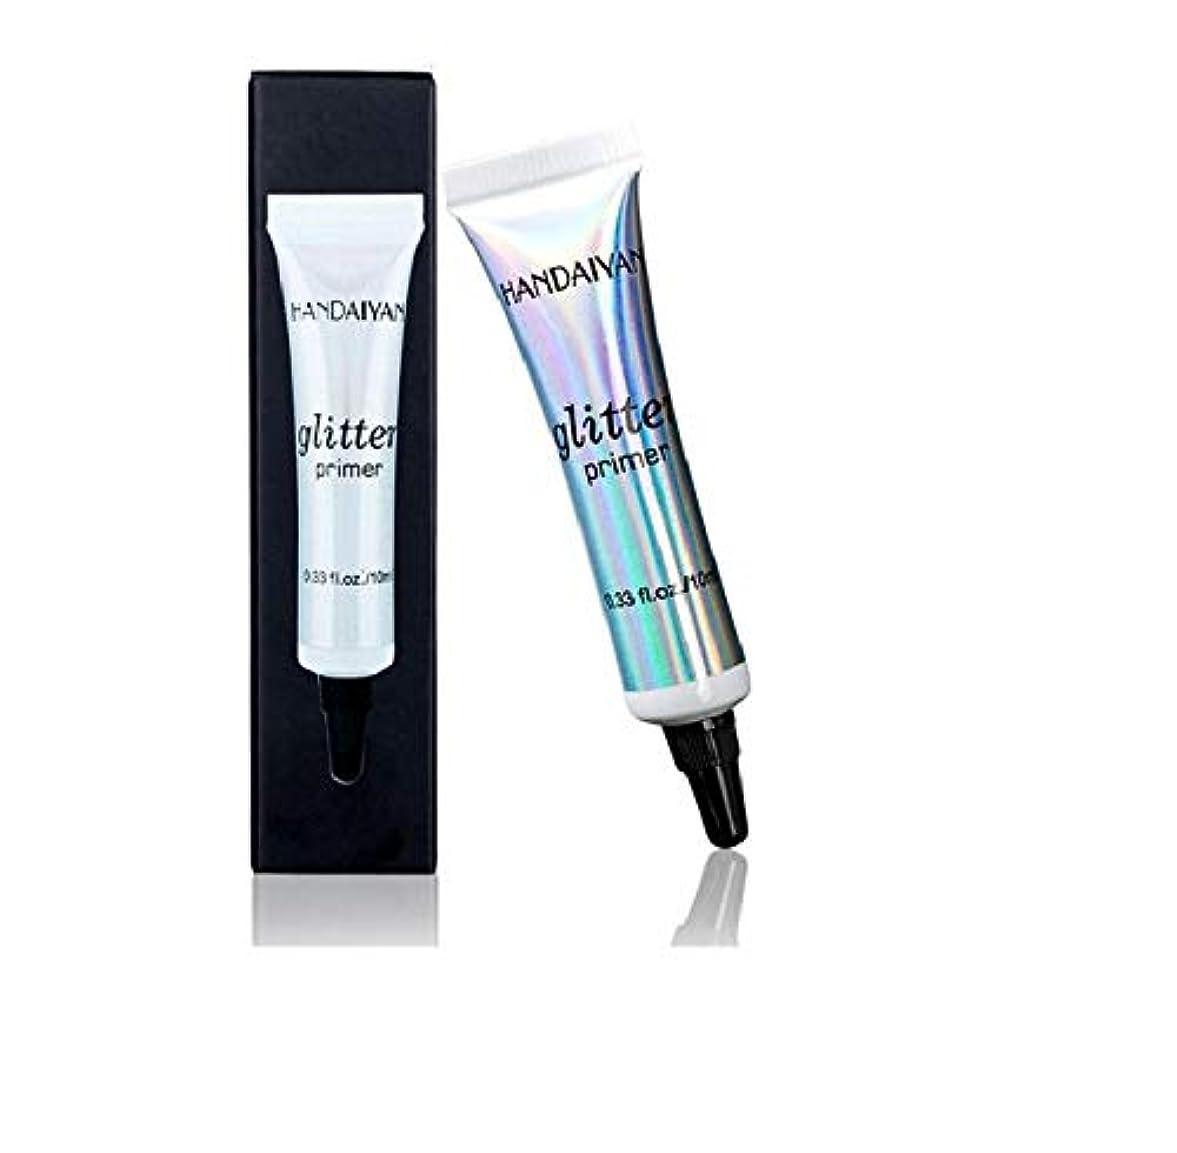 アイシャドウSequin Glitter Eye Shadow Fashion Face Lip Eye Makeup Primer Cream Women Universal Makeup Cosmetic